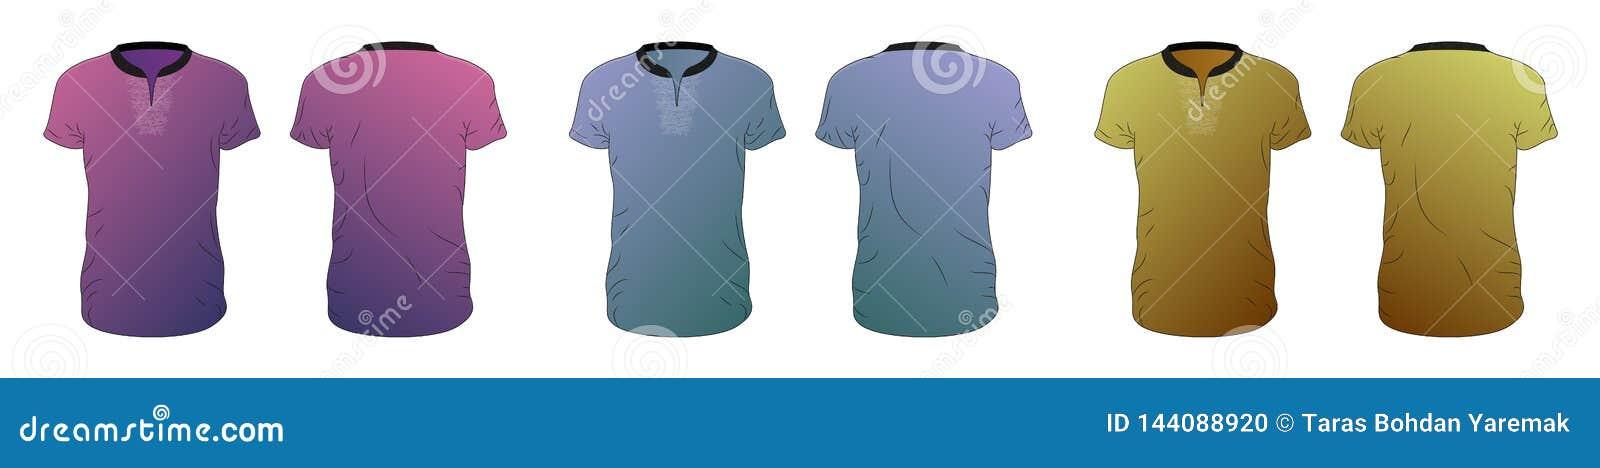 Wektorowa koszulka szablonów kolekcja różni kolory, wektorowa eps10 ilustracja